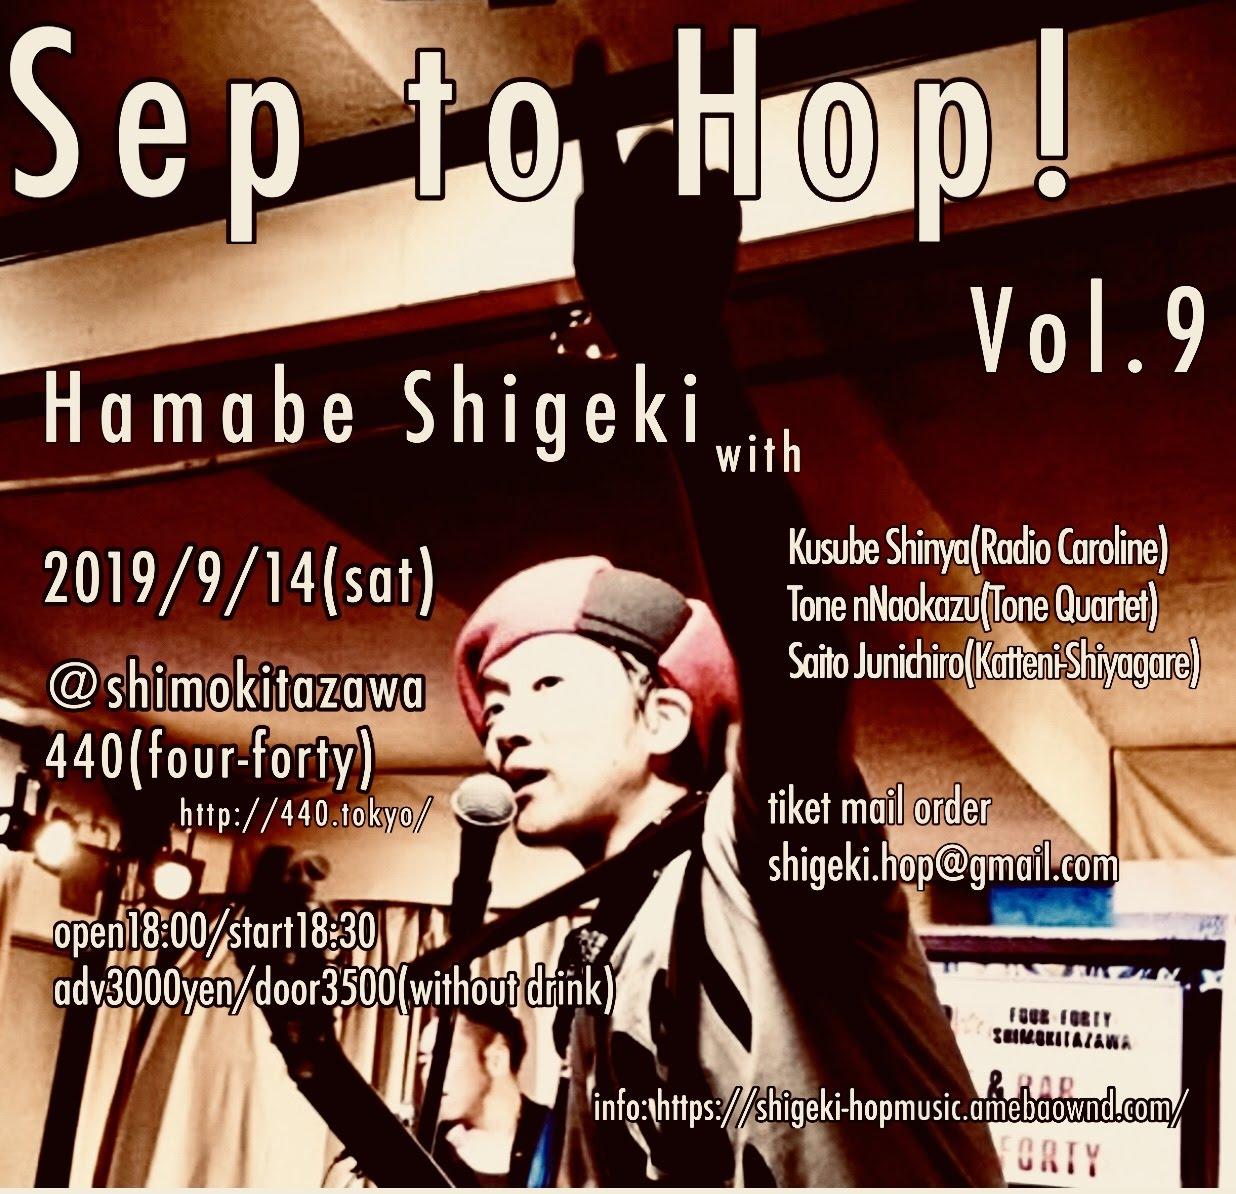 HamabeShigekiPresents [SEPTOHOP!]Vol.9